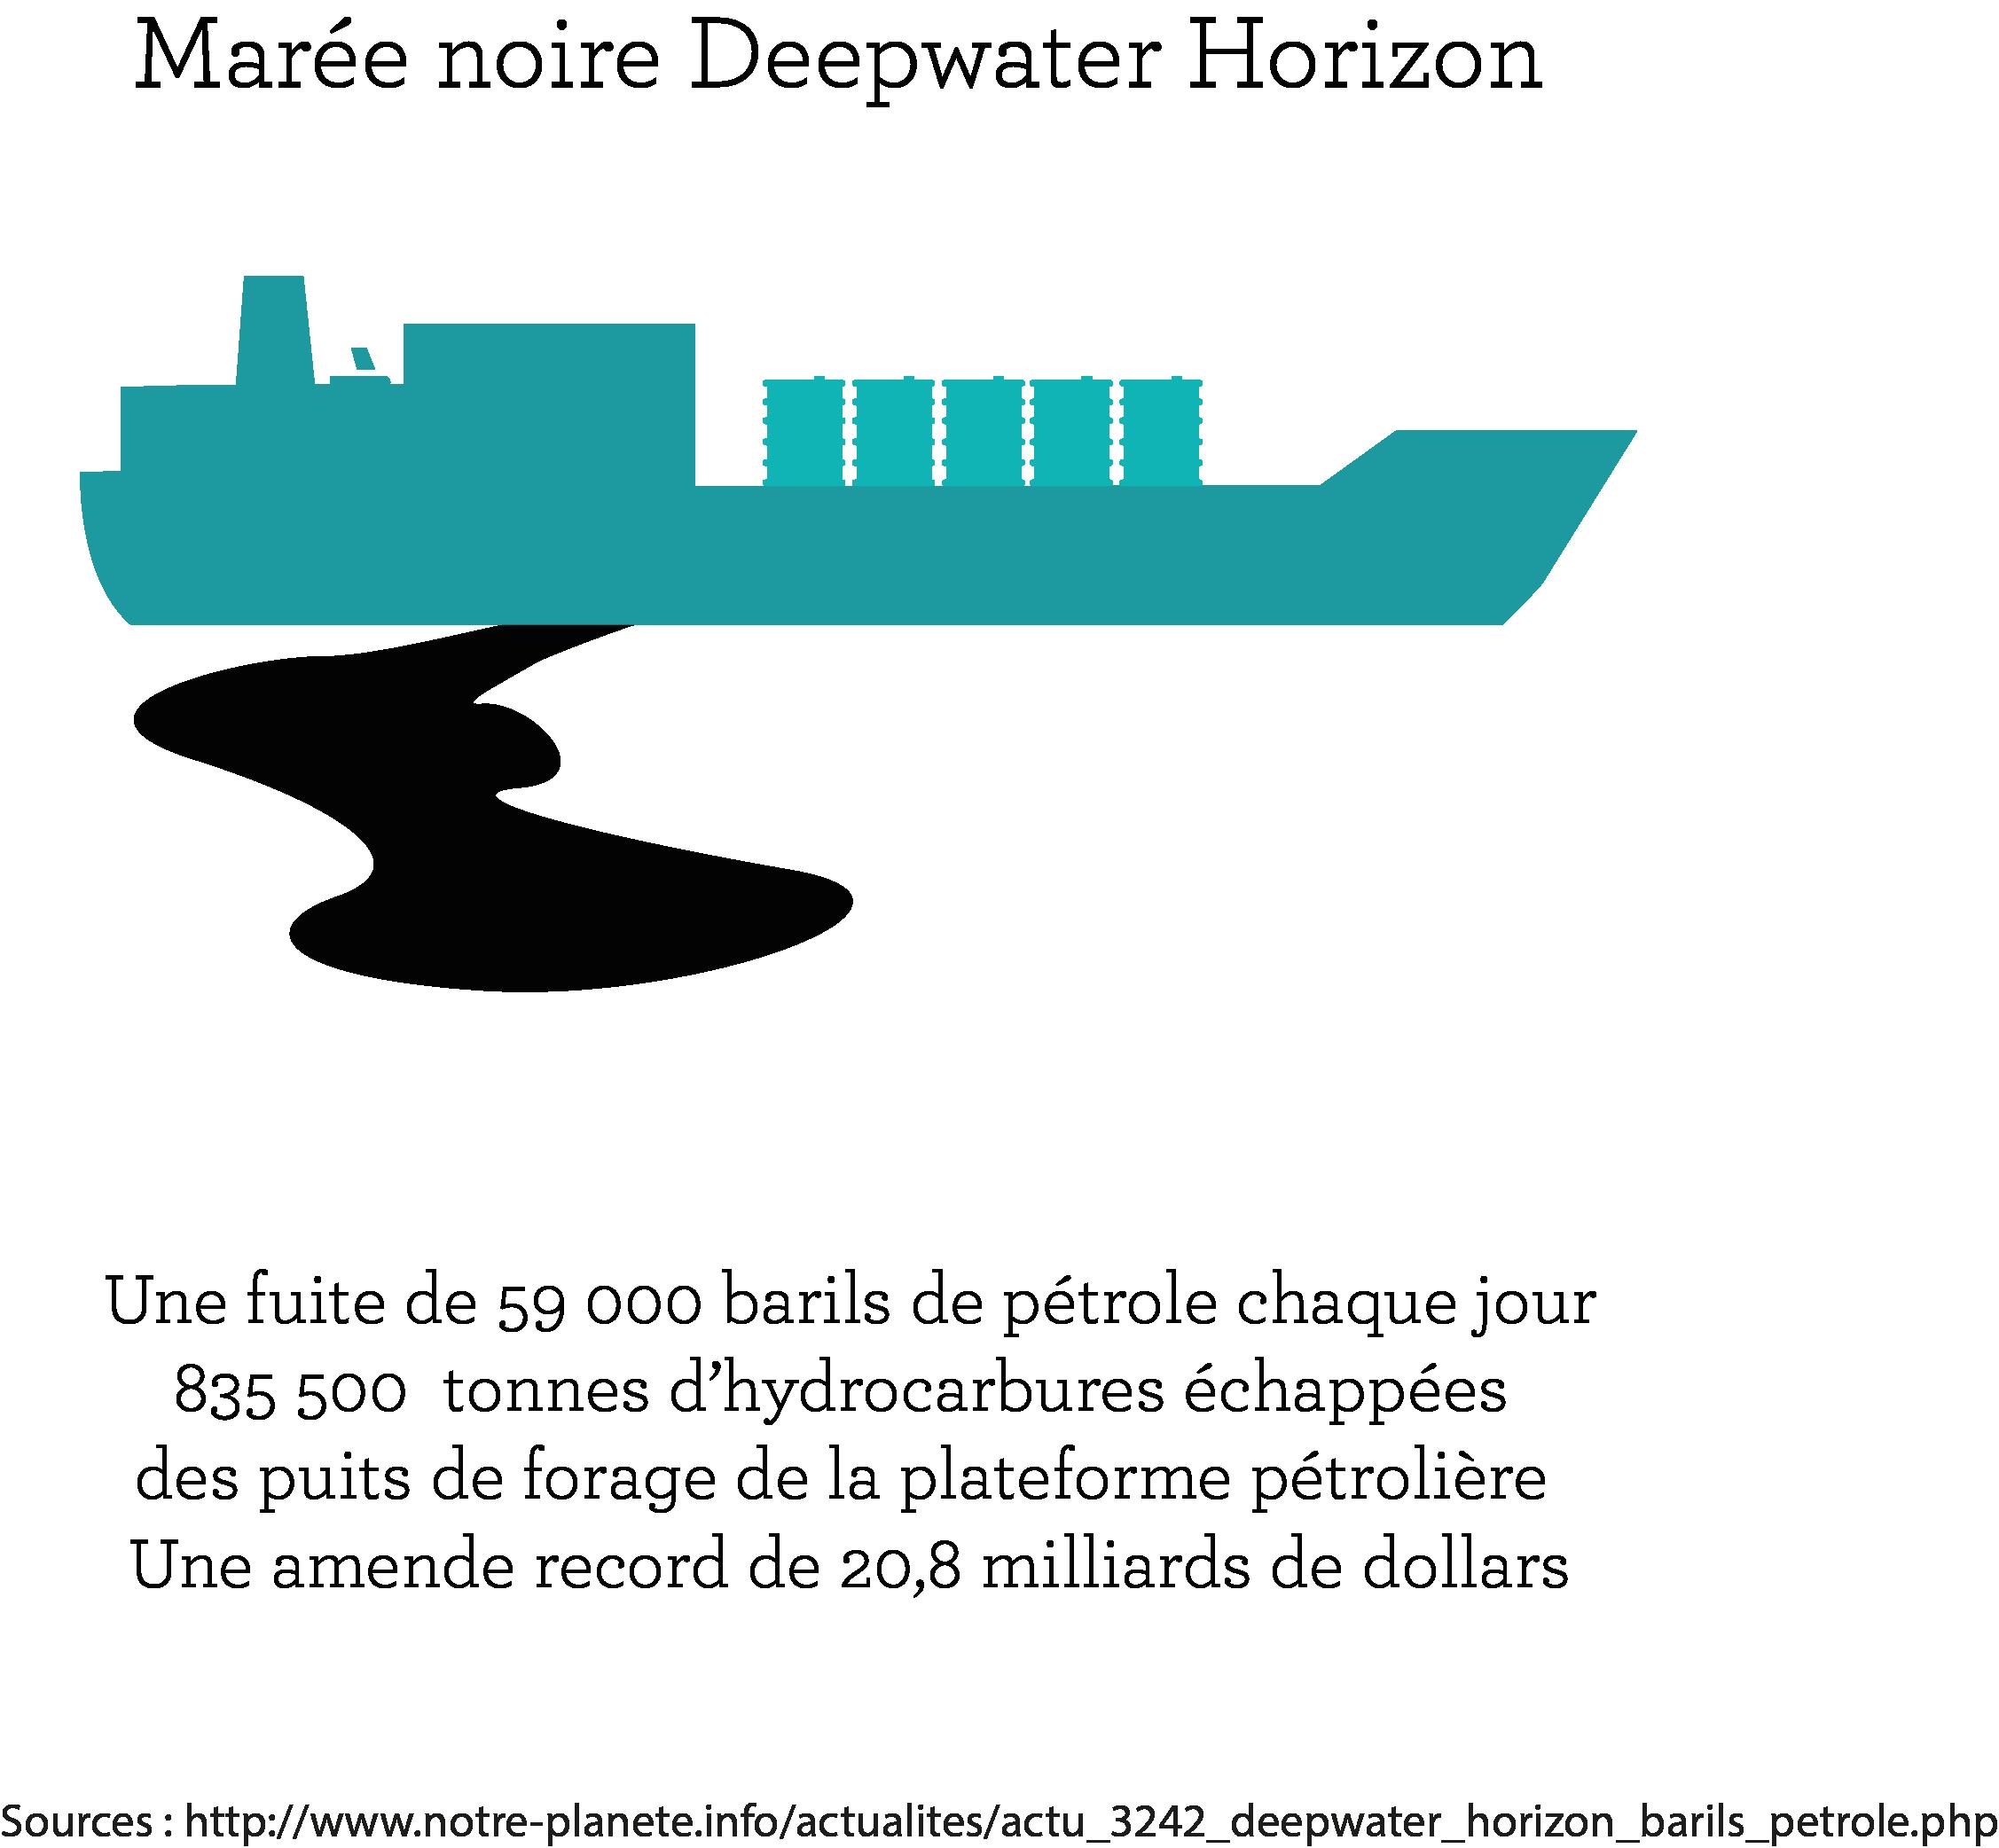 Producteurs de pétrole et de gaz isr marée noire